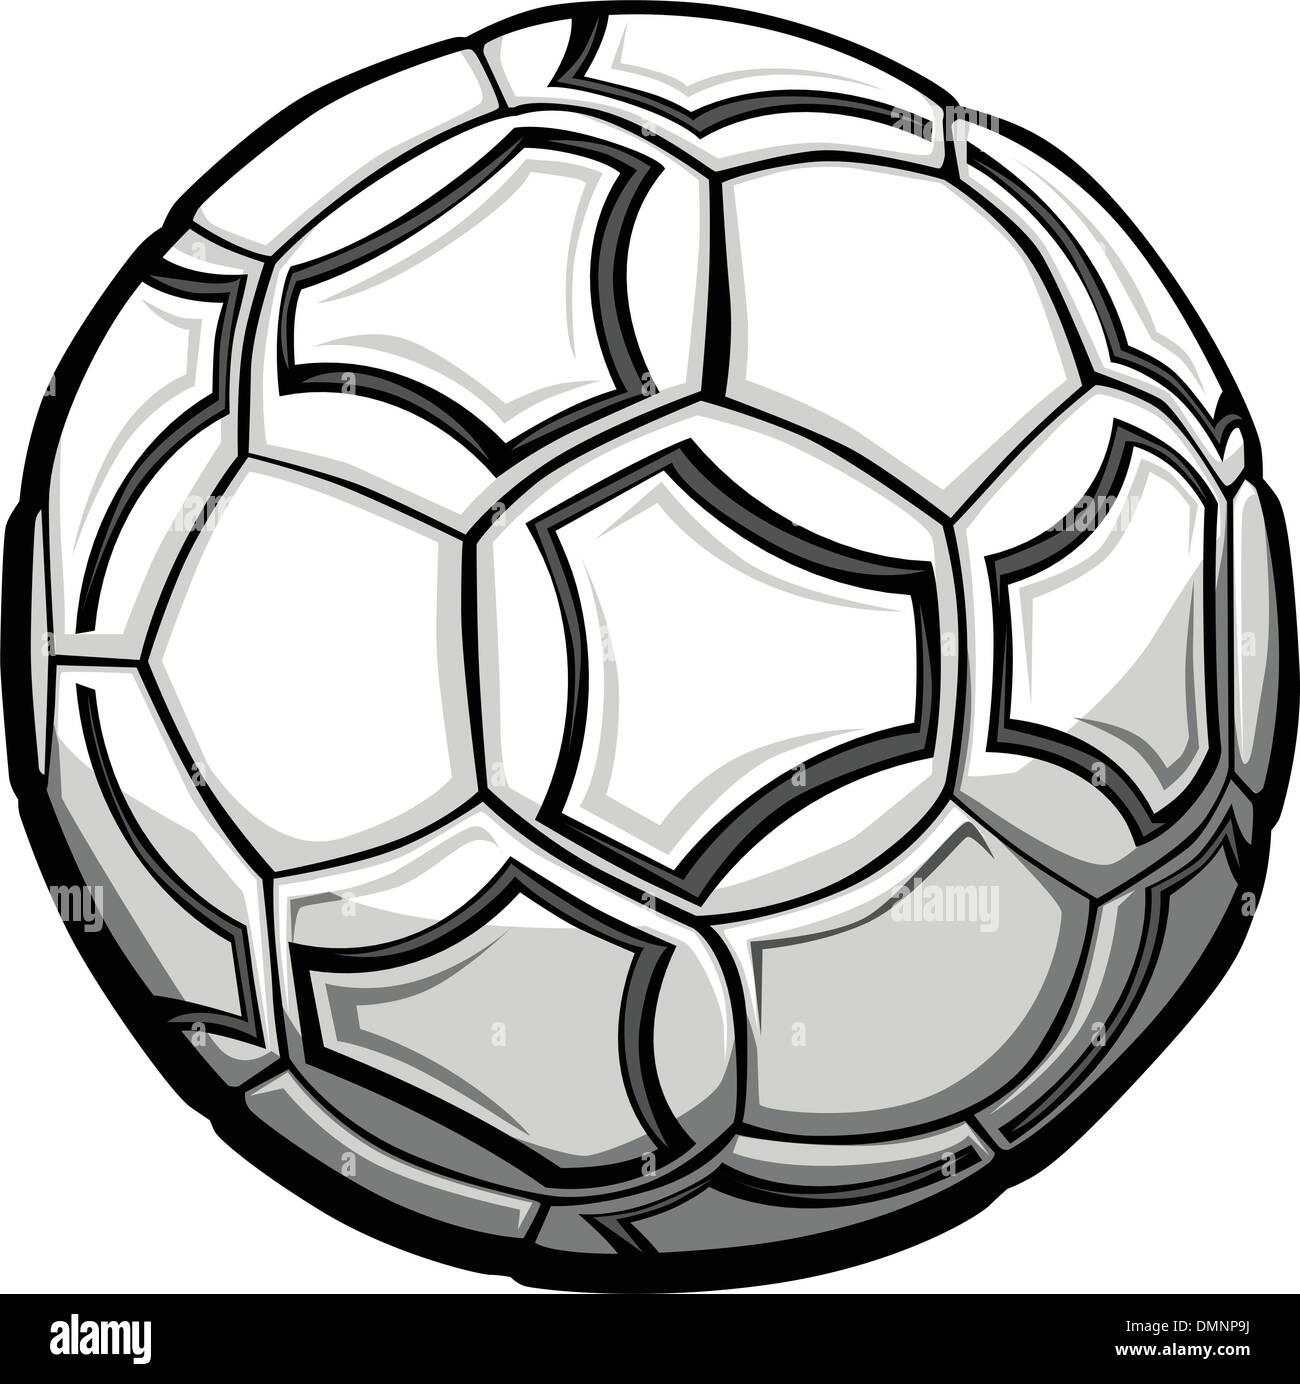 bbae8167984ed Sports Balls Vector Art Imágenes De Stock   Sports Balls Vector Art ...